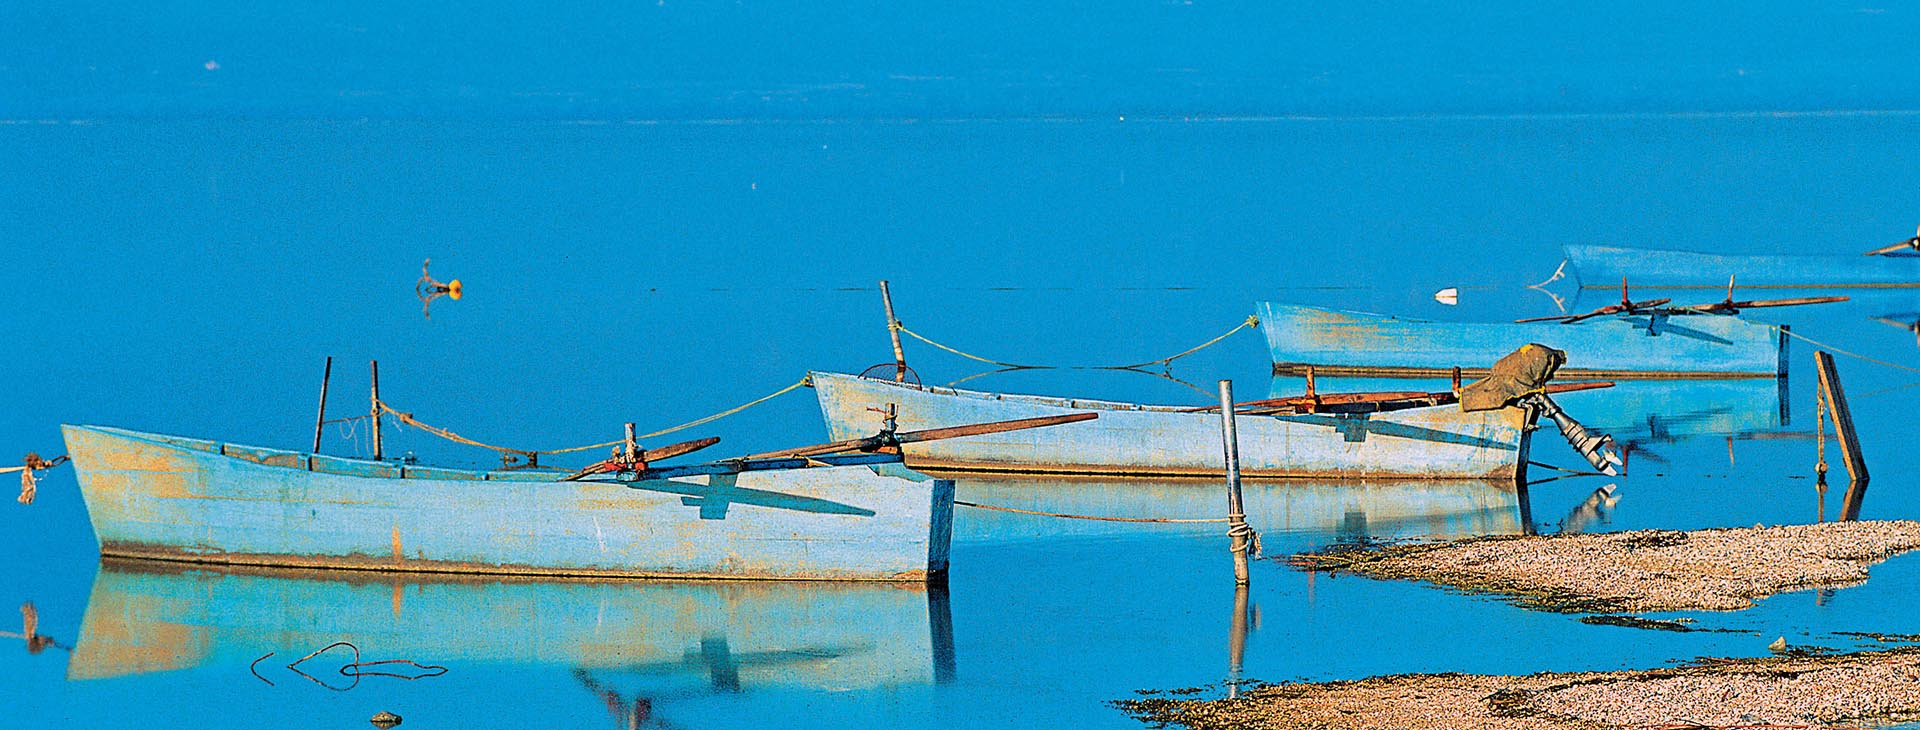 Doirani lake, Kilkis